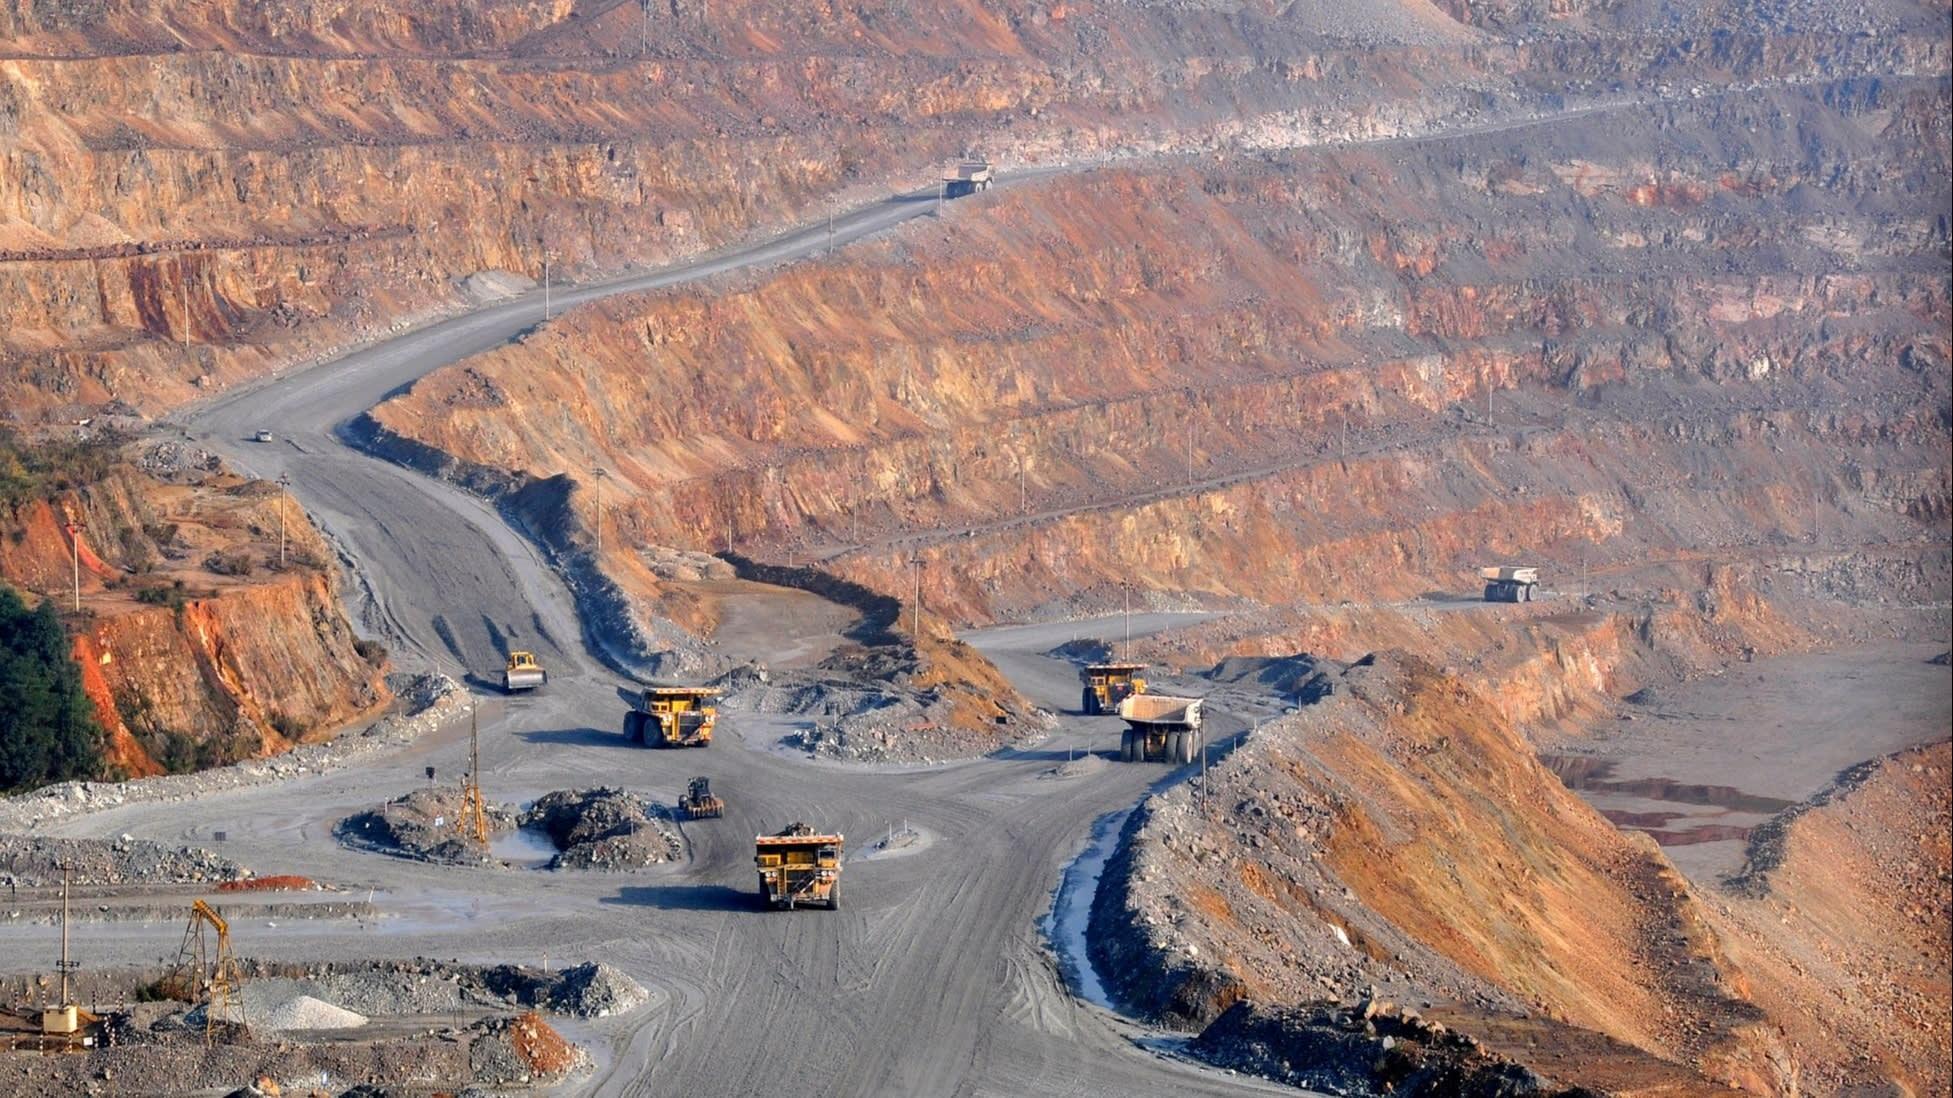 Lo ngại căng thẳng với Mỹ leo thang, Trung Quốc tăng mạnh sản xuất đất hiếm